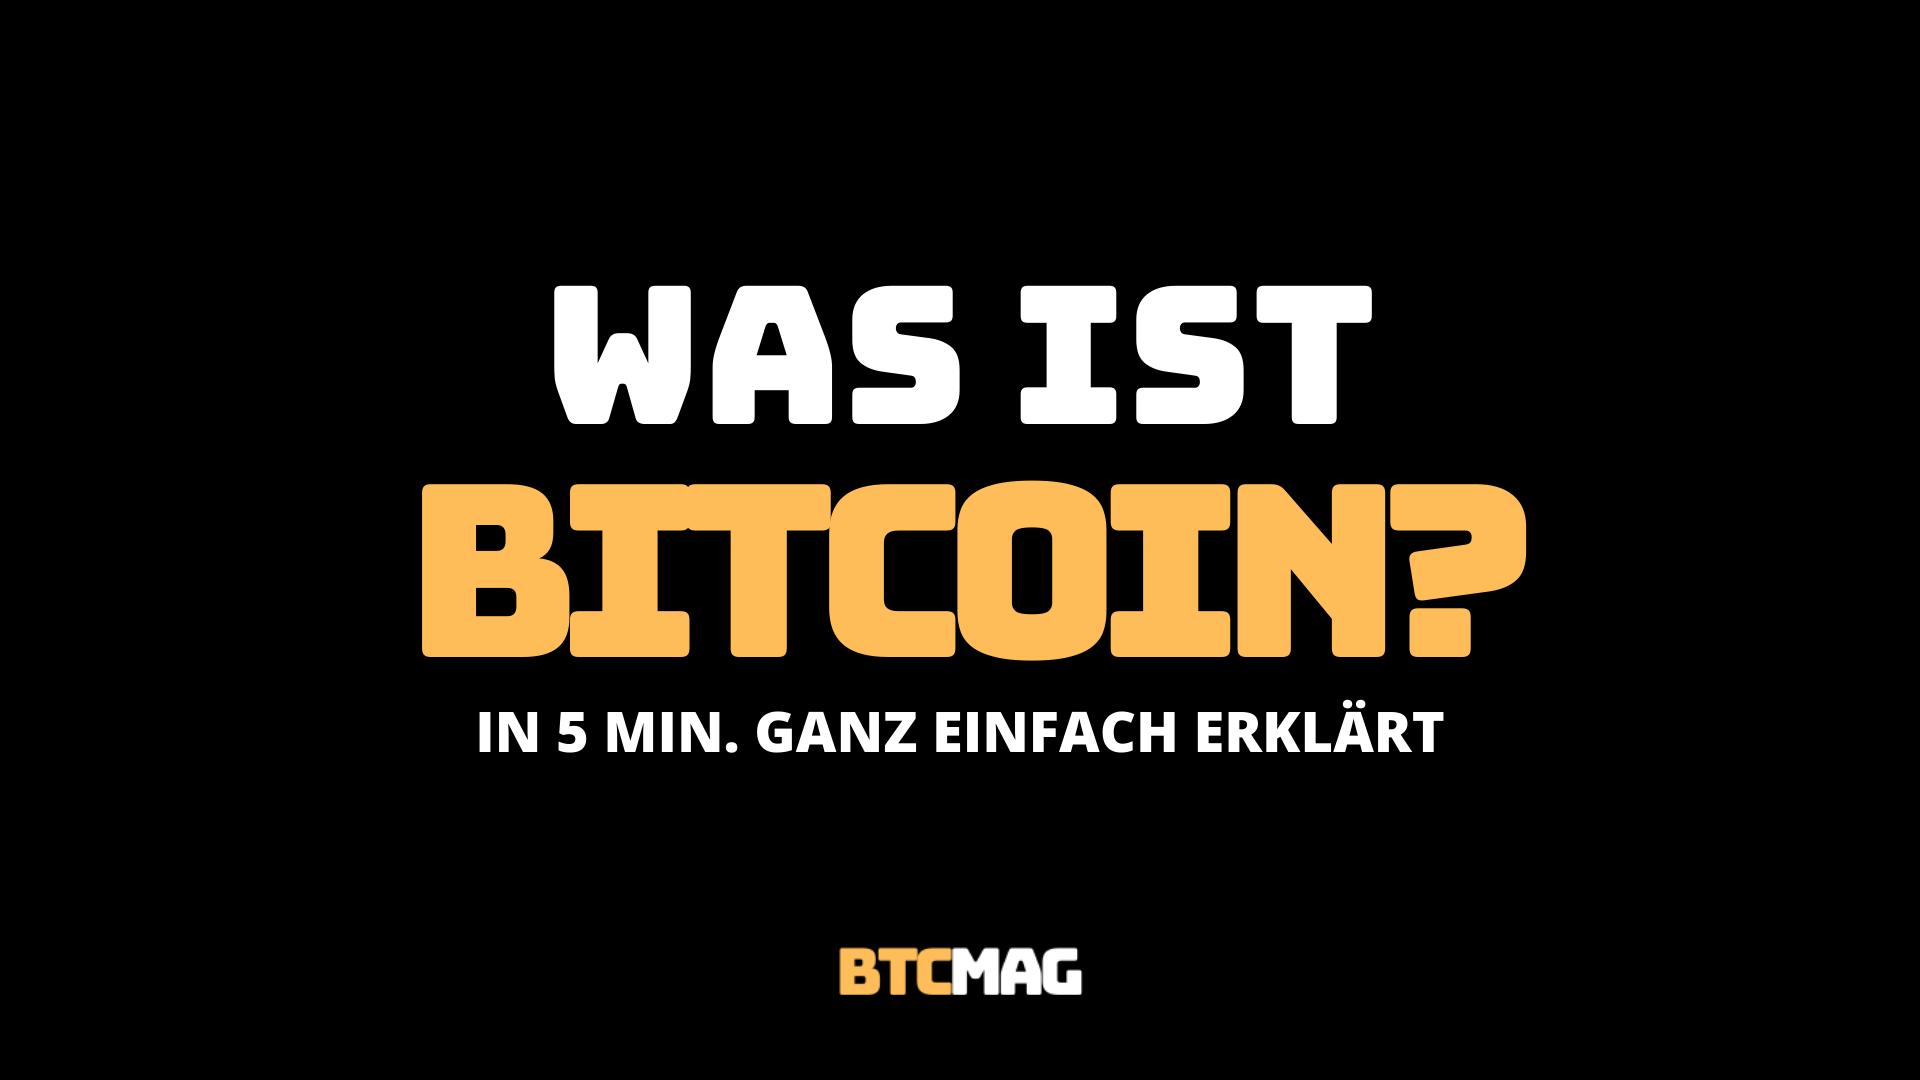 Was Ist Bitcoins